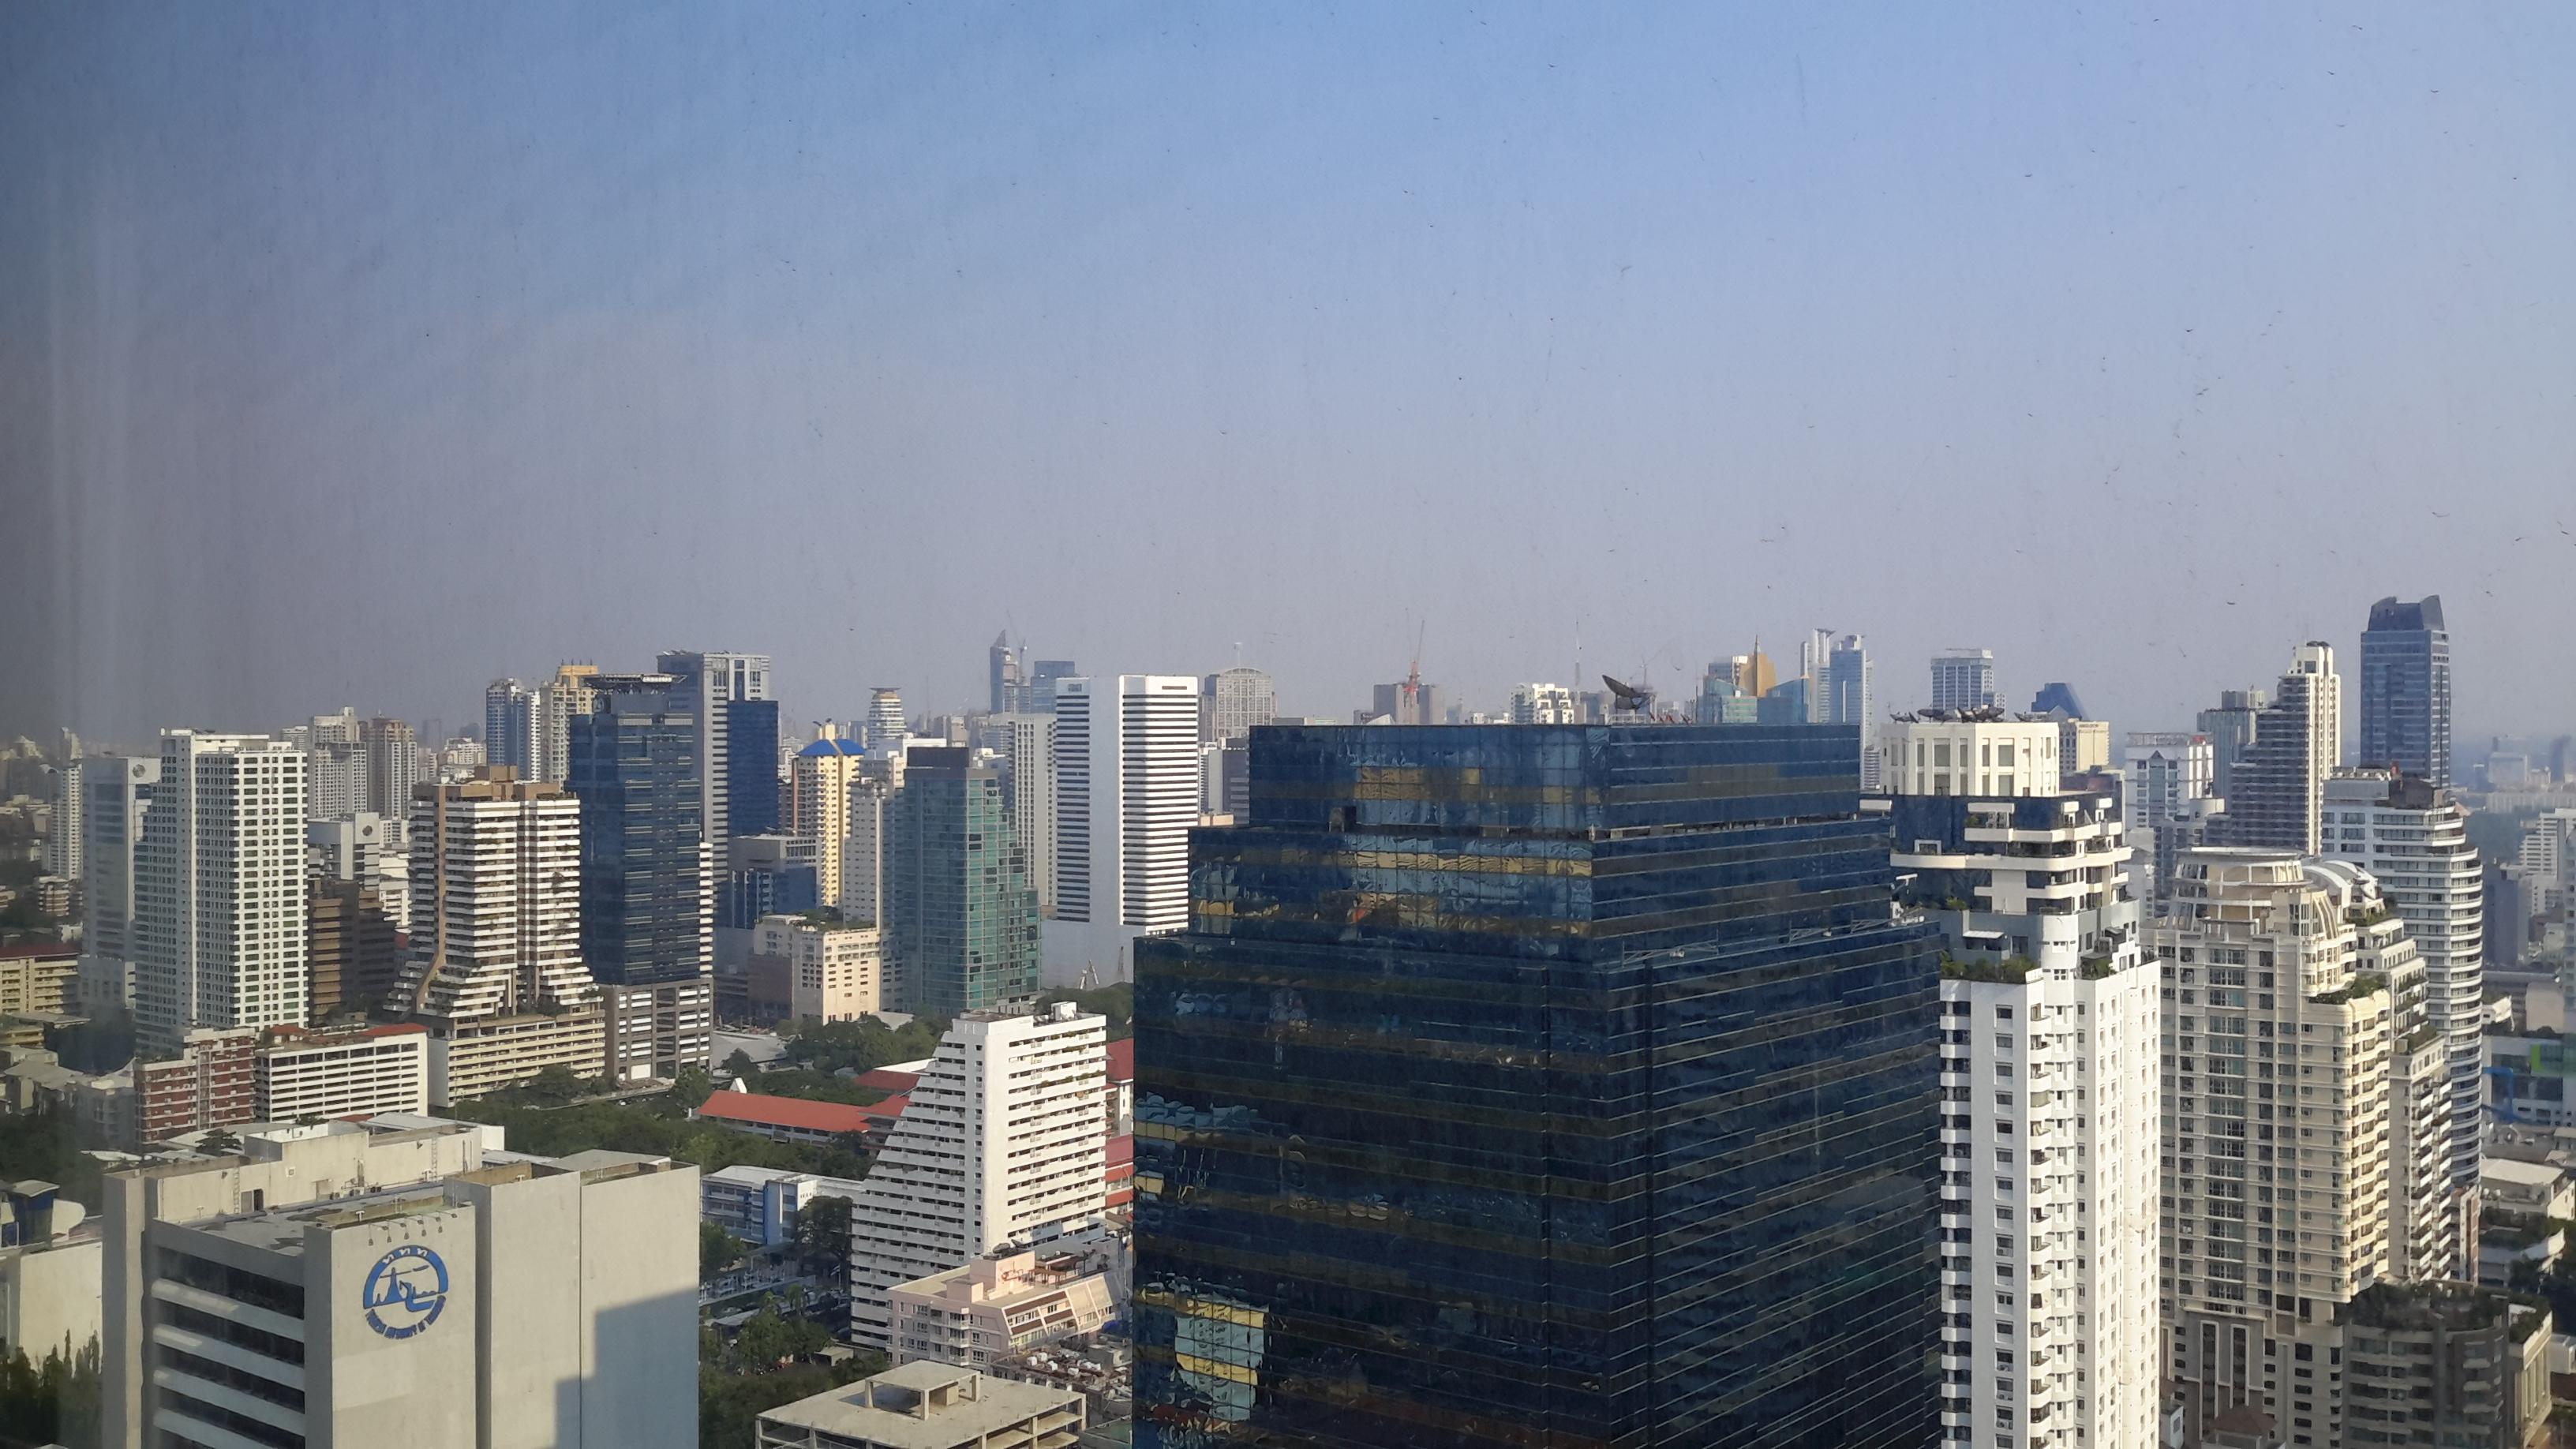 RE/MAX All Star Realty Agency's Two Bedder (84sqm) at Circle2 Condo for Rent – walk to BTS Nana, ARL Makkasan, MRT Petchaburi 11